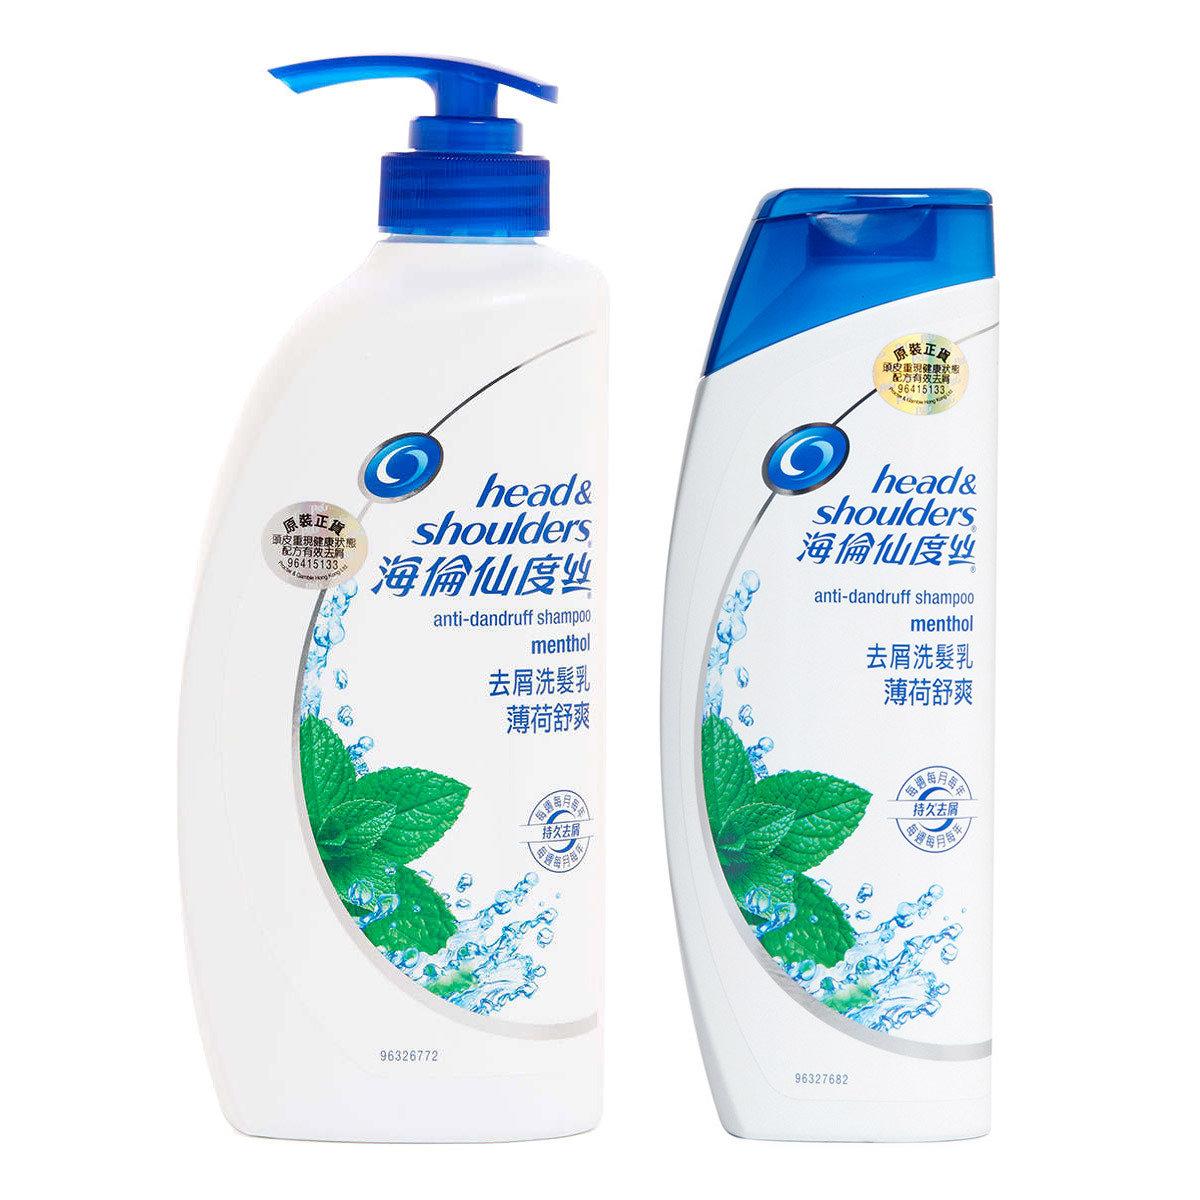 [優惠套裝] 海倫仙度絲去屑洗髮乳薄荷舒爽750毫升 + 400毫升